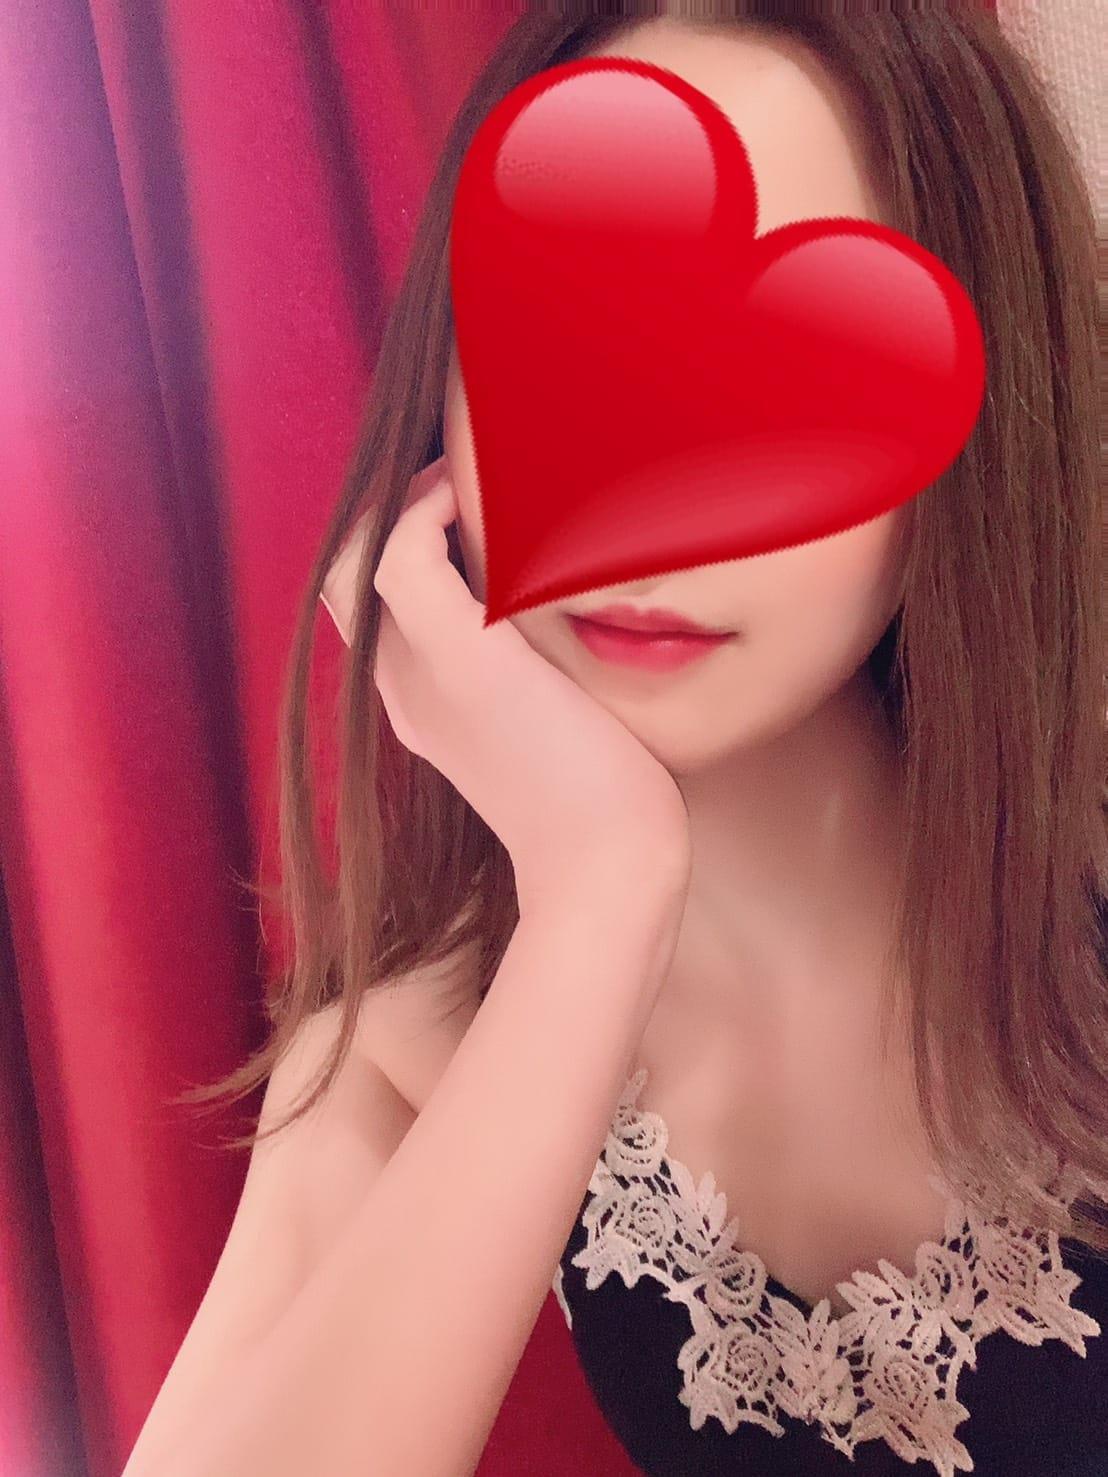 星月 さな【艶めく瞳にメロメロ確定】   OSCAR(オスカー)()